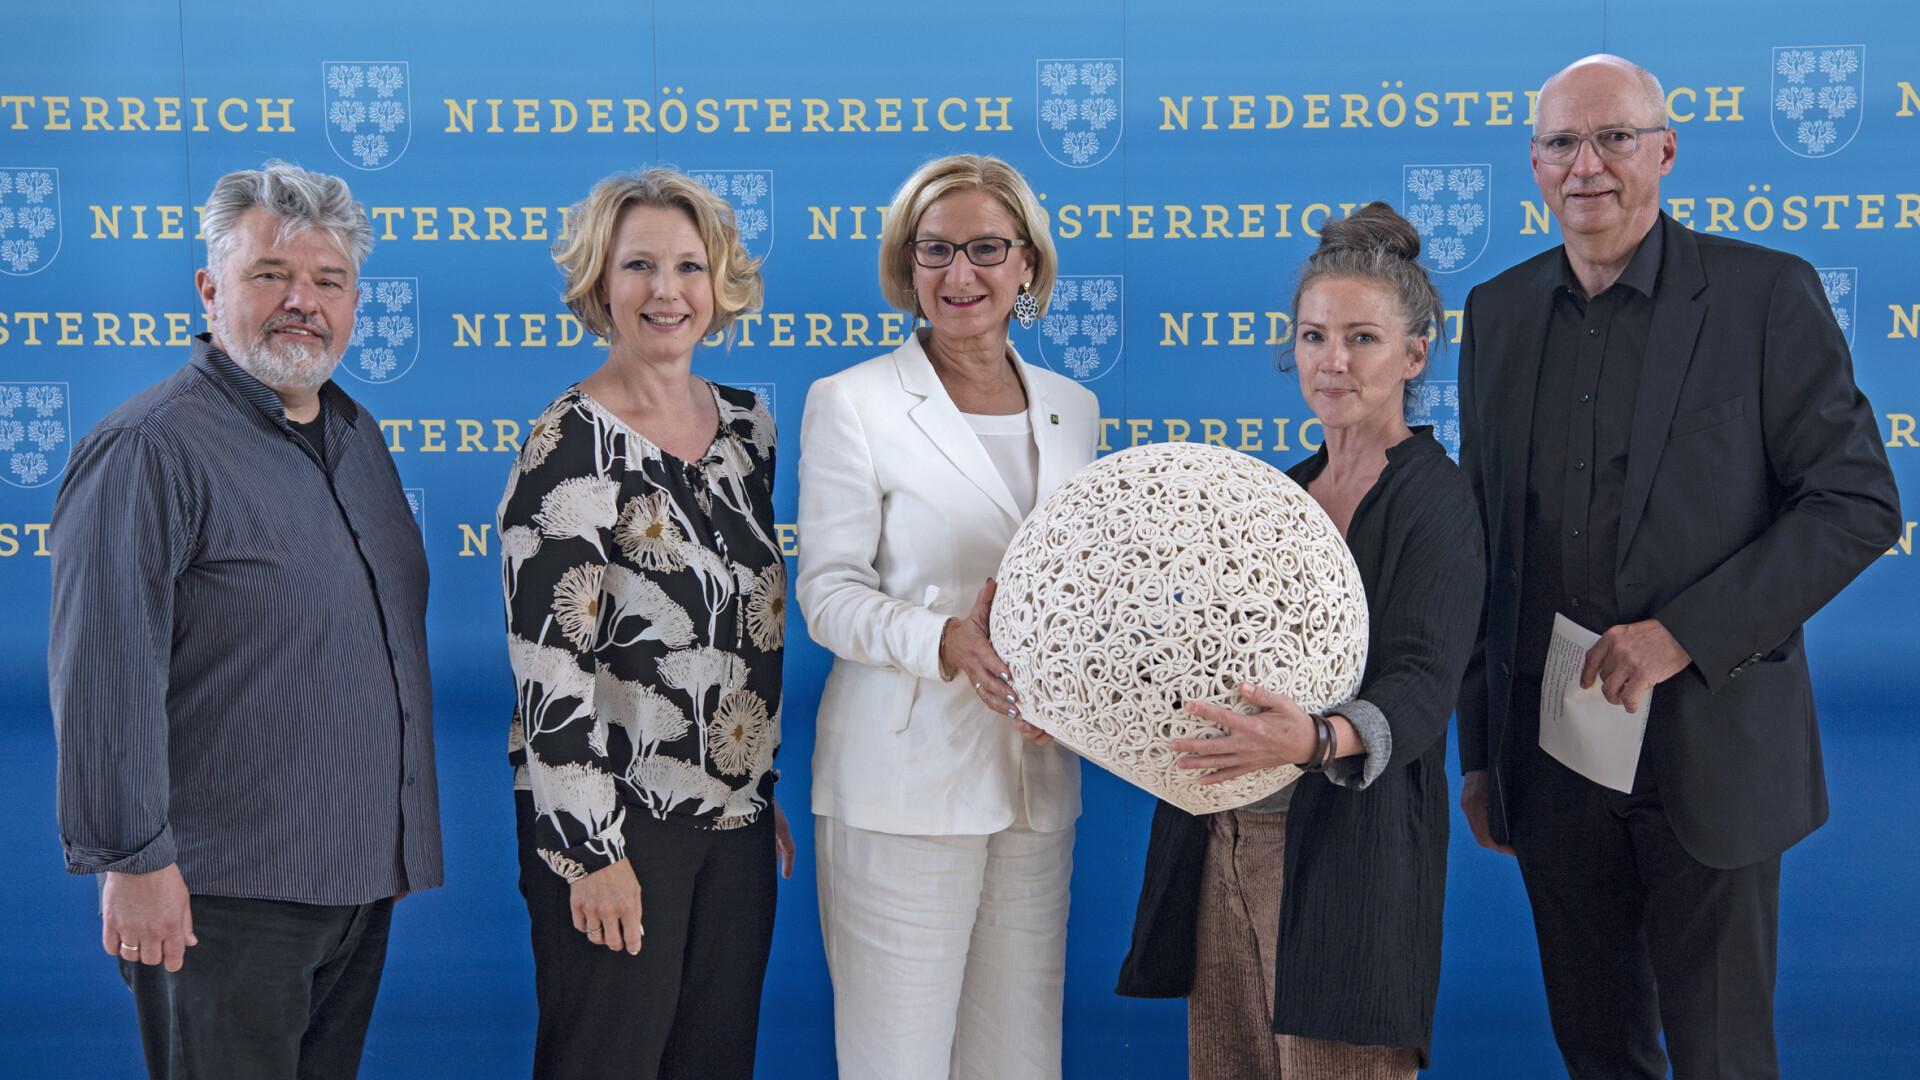 Bezirk-Scheibbs-Offene-Ateliers-Zu-Gast-bei-K-nstlern